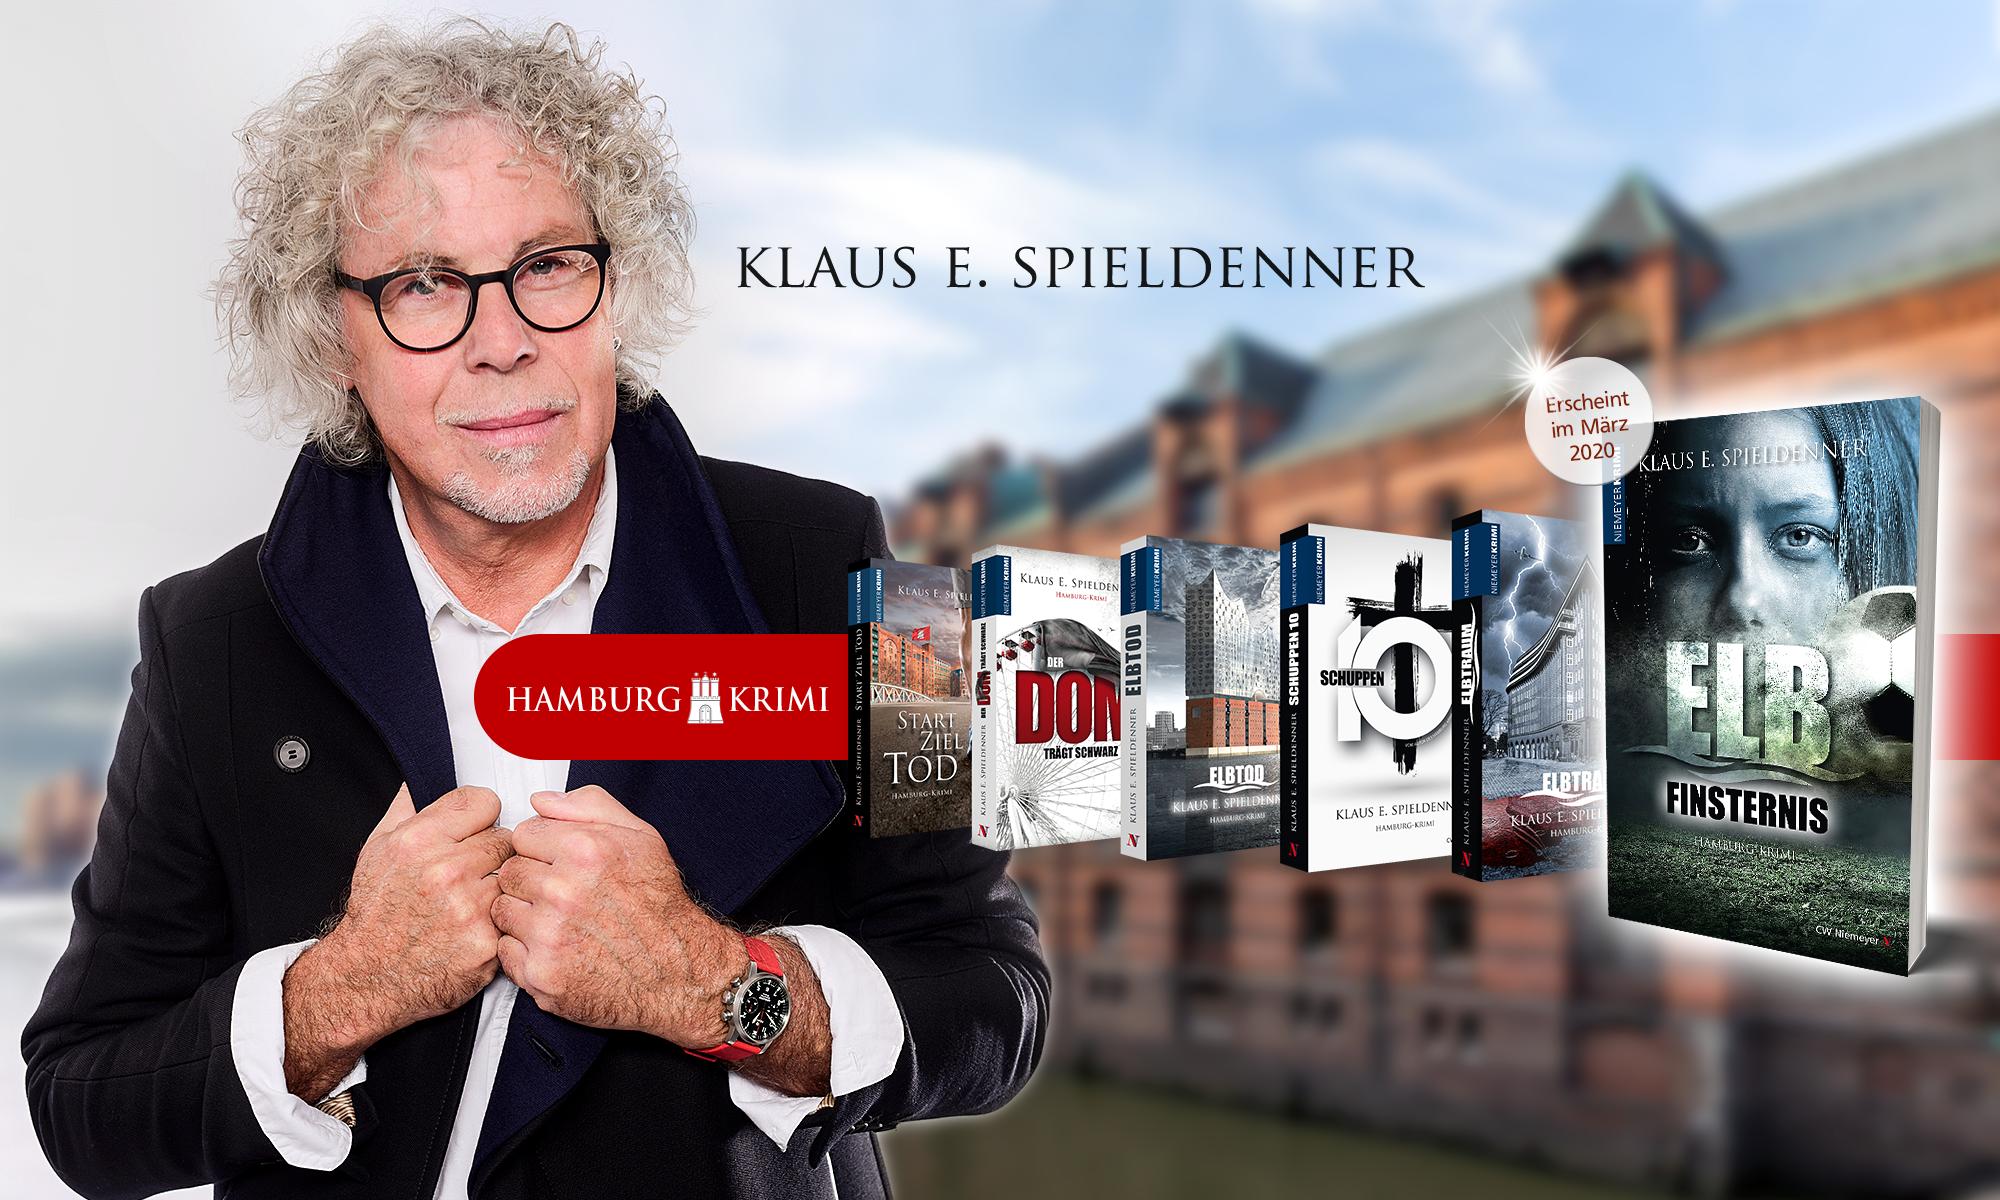 Klaus E. Spieldenner